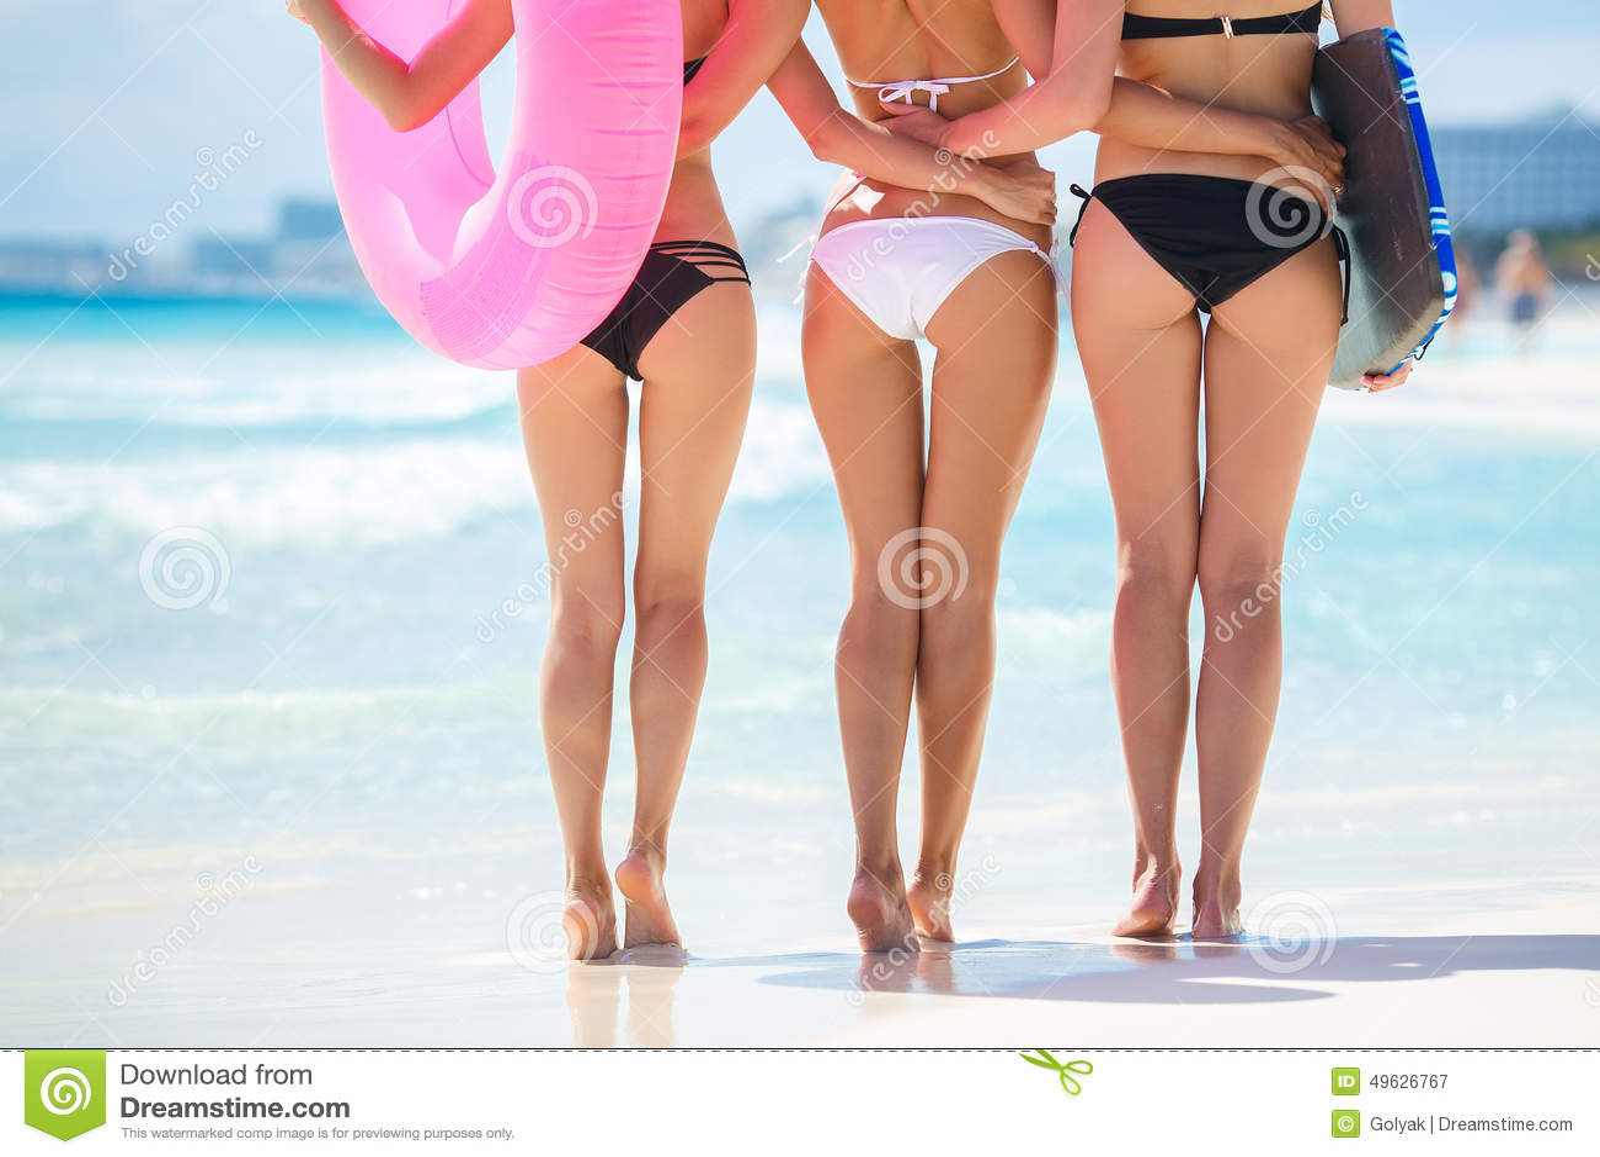 Drie Mooie Jonge Vrouwen Op Het Strand In Een Bikini Stock